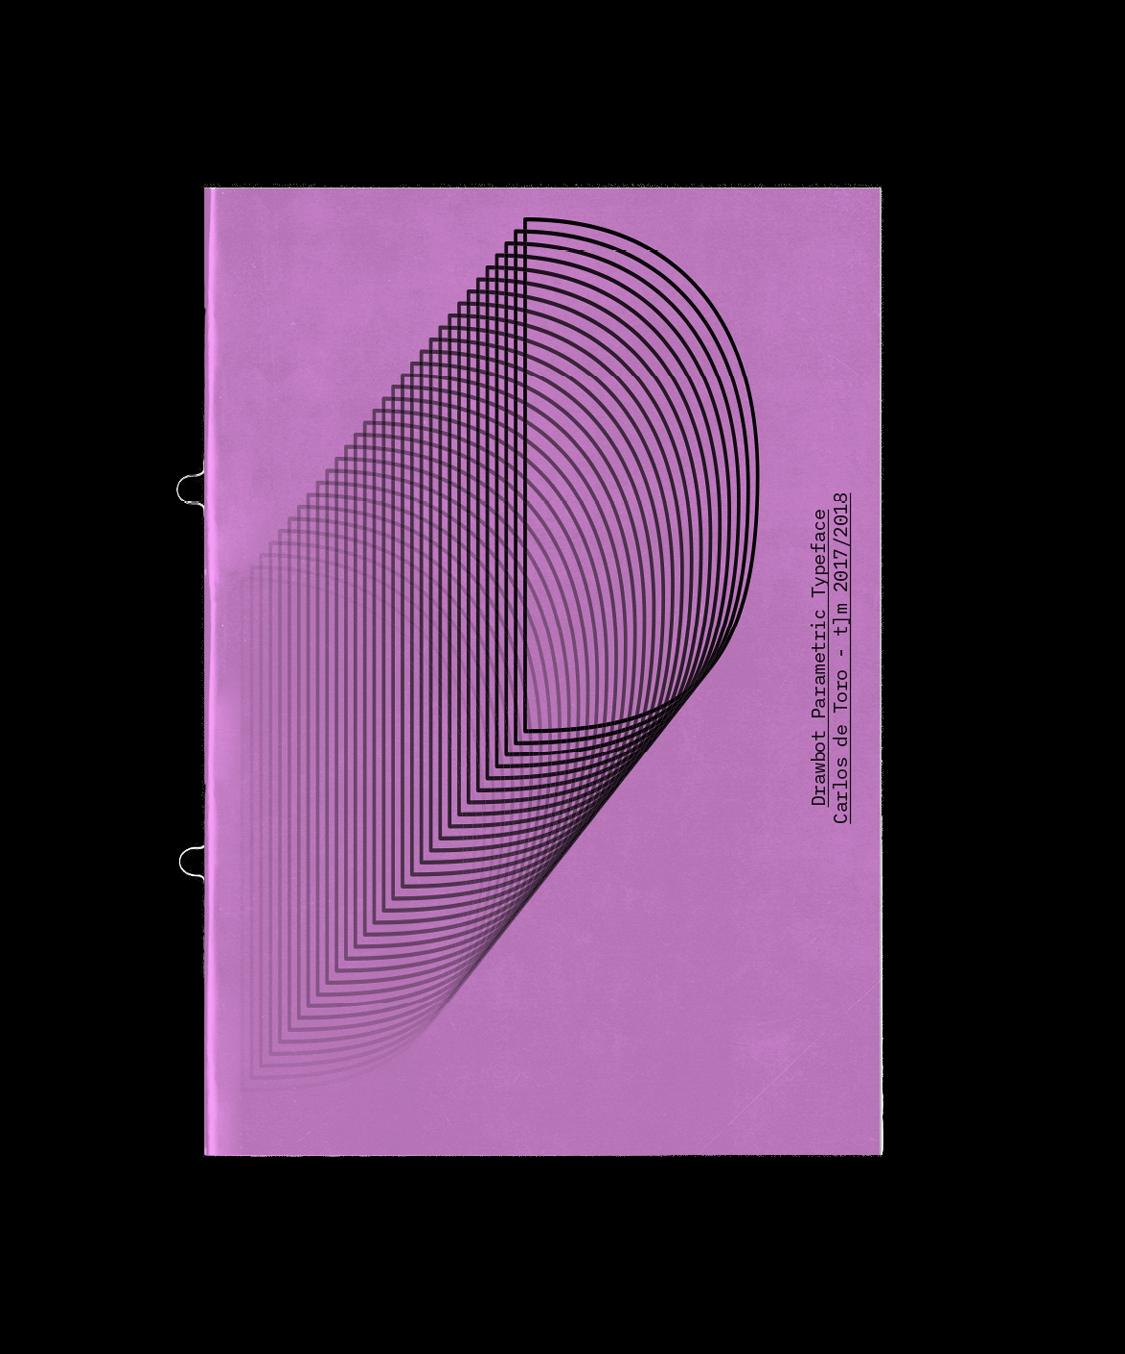 Carlos_de_Toro_Type_Design6-1